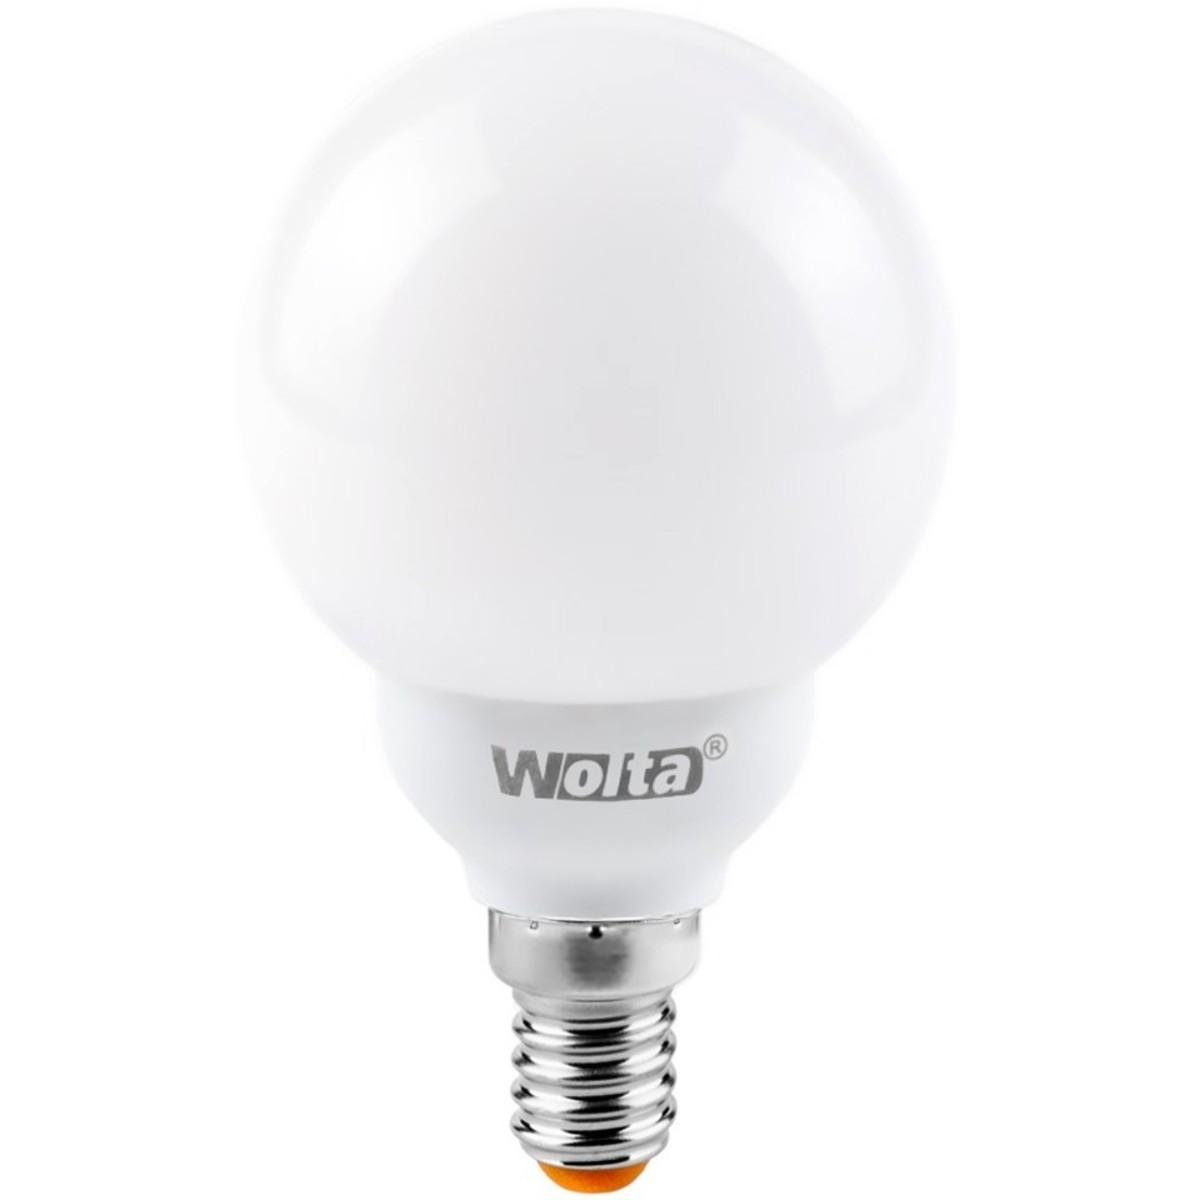 Лампа энергосберегающая Wolta шар E14 12 Вт свет холодный белый